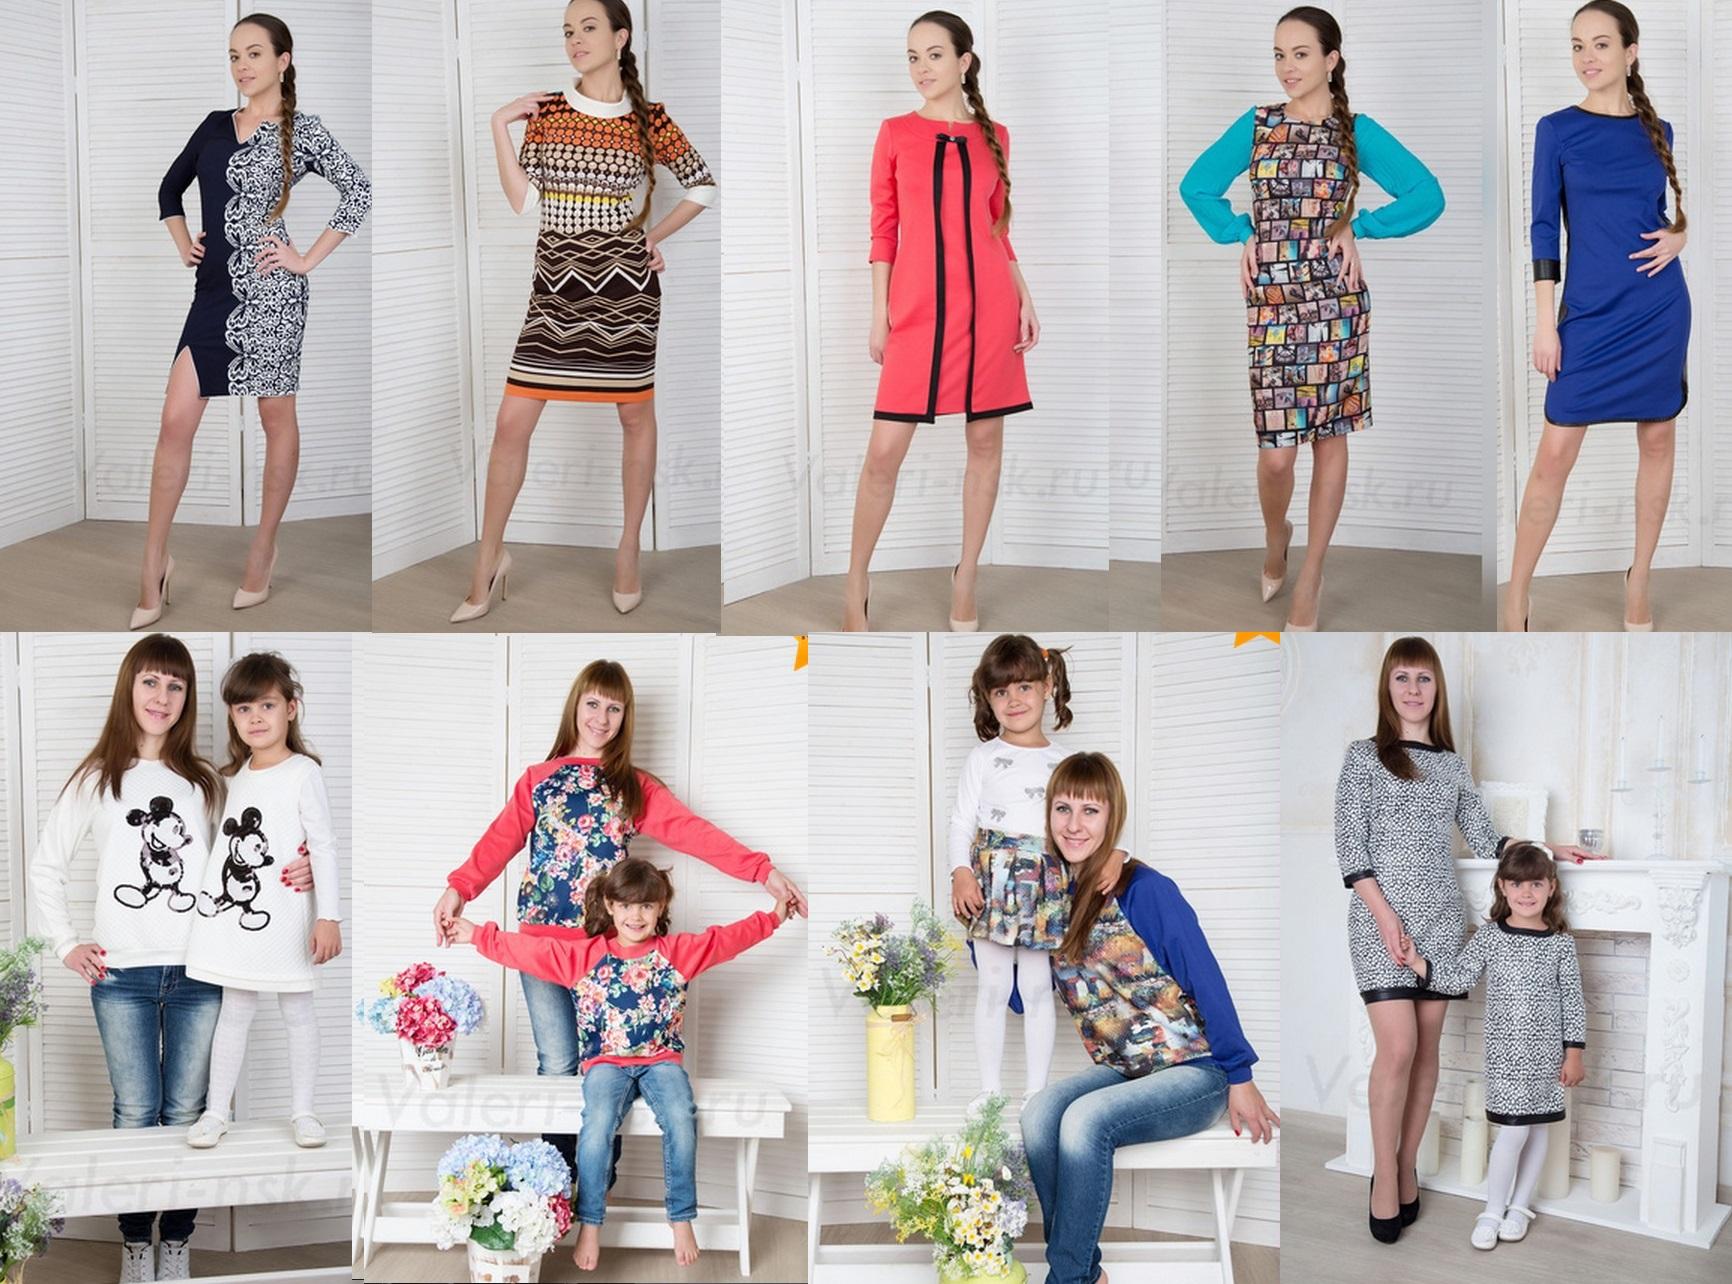 Valeri - для стильных и модных! Коллекция в стиле family look (семейном стиле) - для девочек и их мам. От 40 р-ра. Без